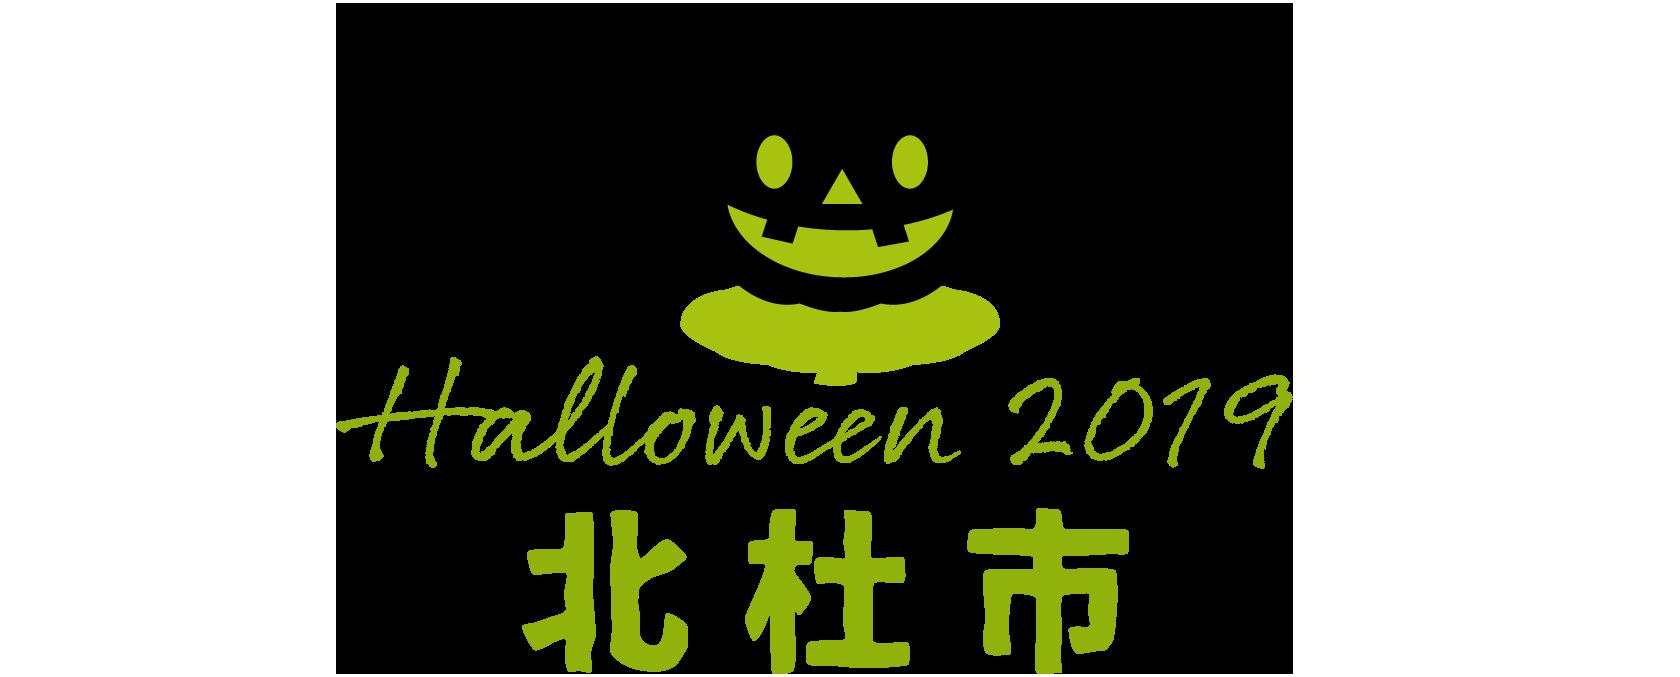 北杜市 ハロウィンイベント 2019